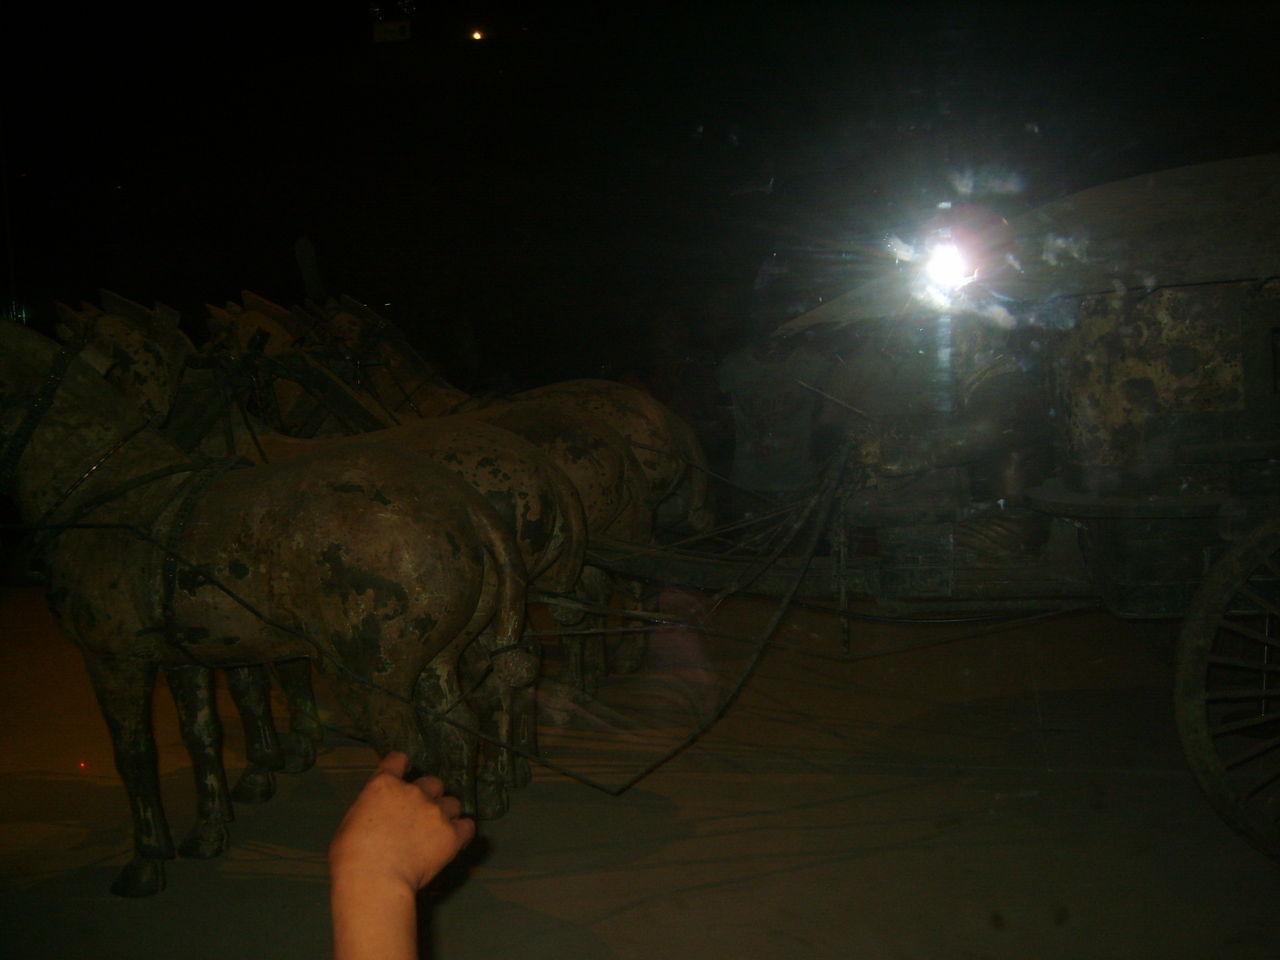 901388535_世界上独一无二的铜马车 可惜馆内灯光太暗 同买 ...